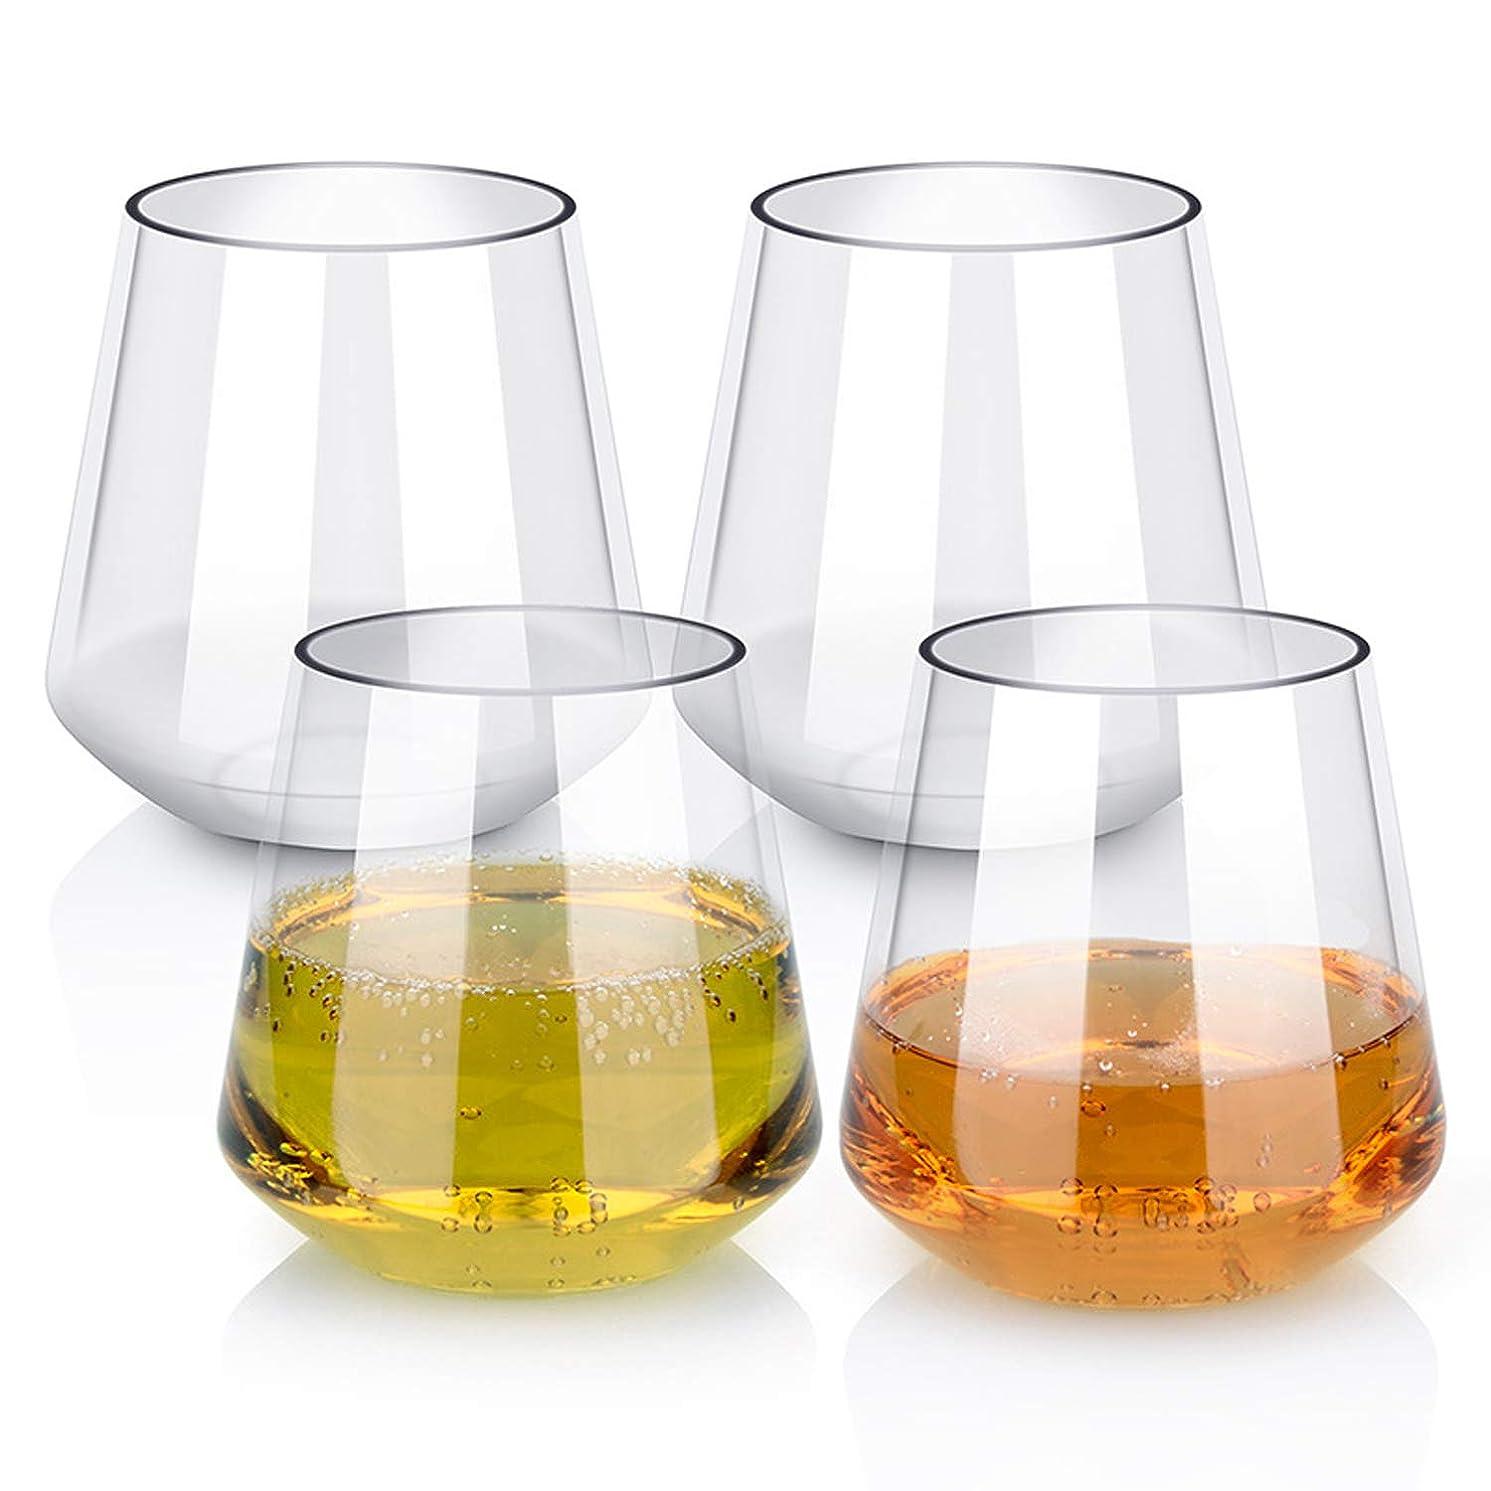 ラベ食べる期待するYesland 16オンス ステムレスプラスチックワイングラス 再利用可能 壊れにくい 飛散防止 BPAフリー シャンパンカップ 自宅 オフィス バー 結婚式 ブライダルベビーシャワーでの使用に最適